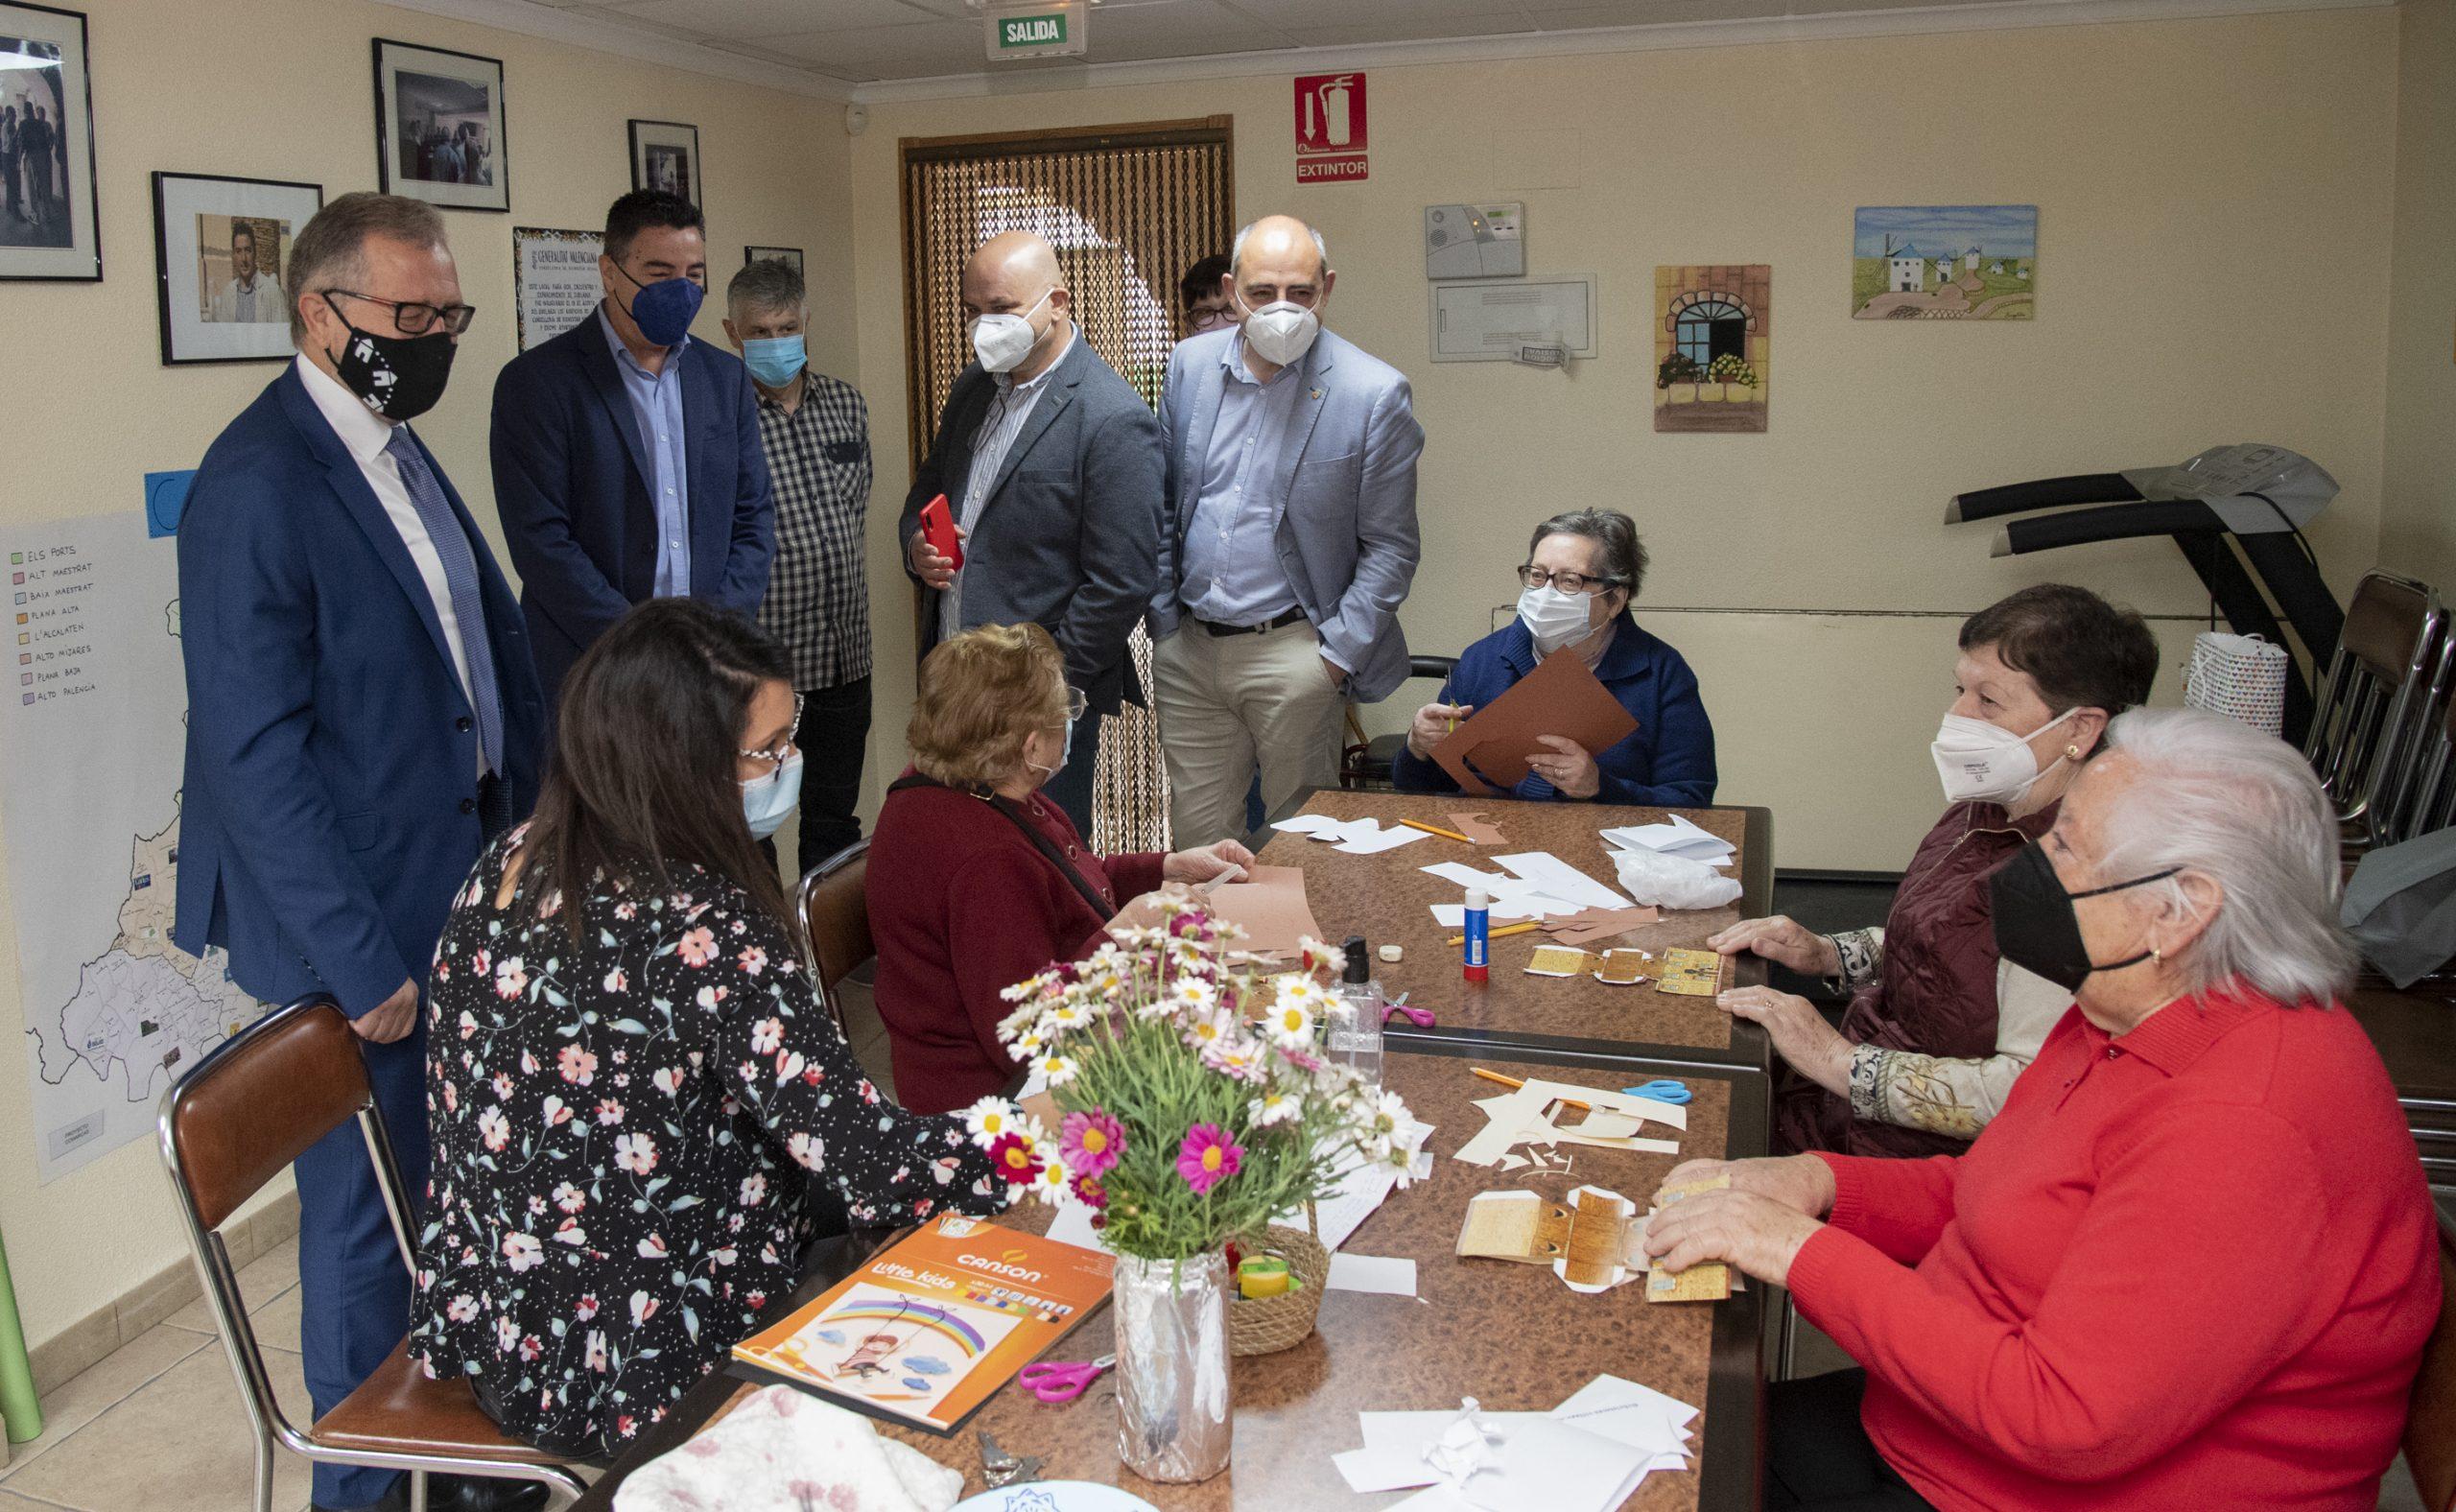 La Diputación de Castellón duplica los fondos directos a los municipios del Alto Mijares respecto a 2019 para frenar la despoblación